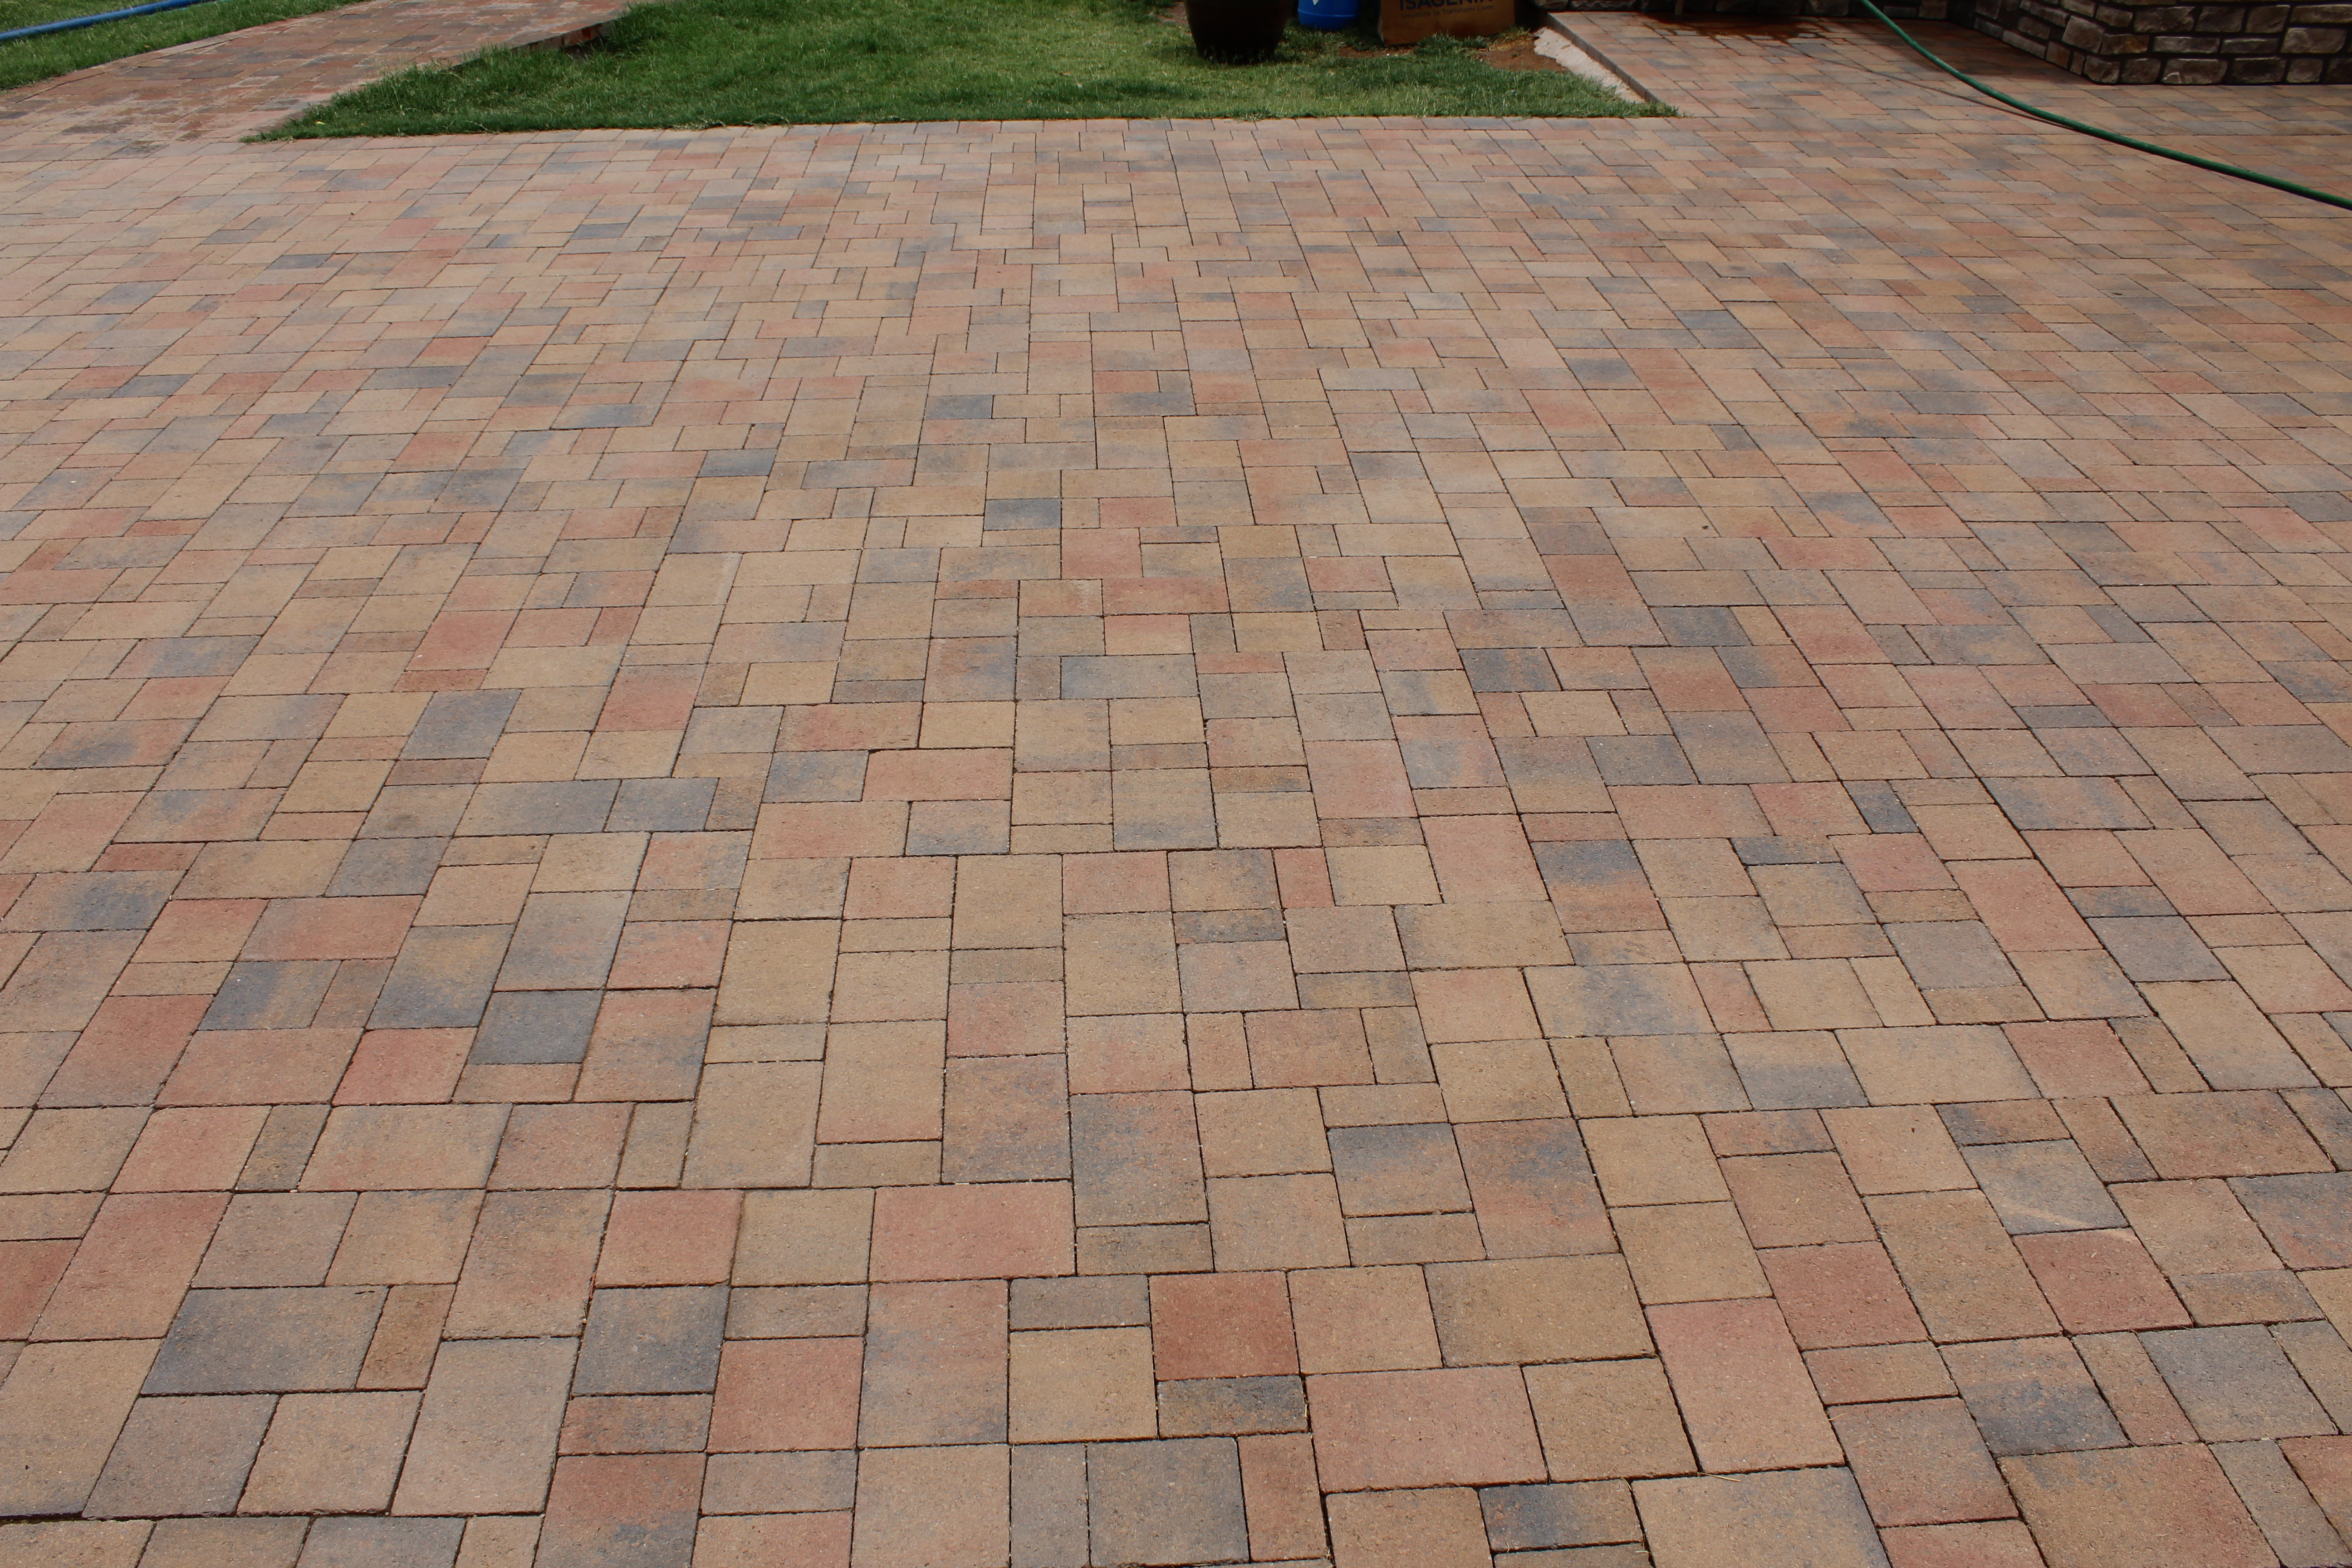 Image shows vibrant color of concrete paver after treatment